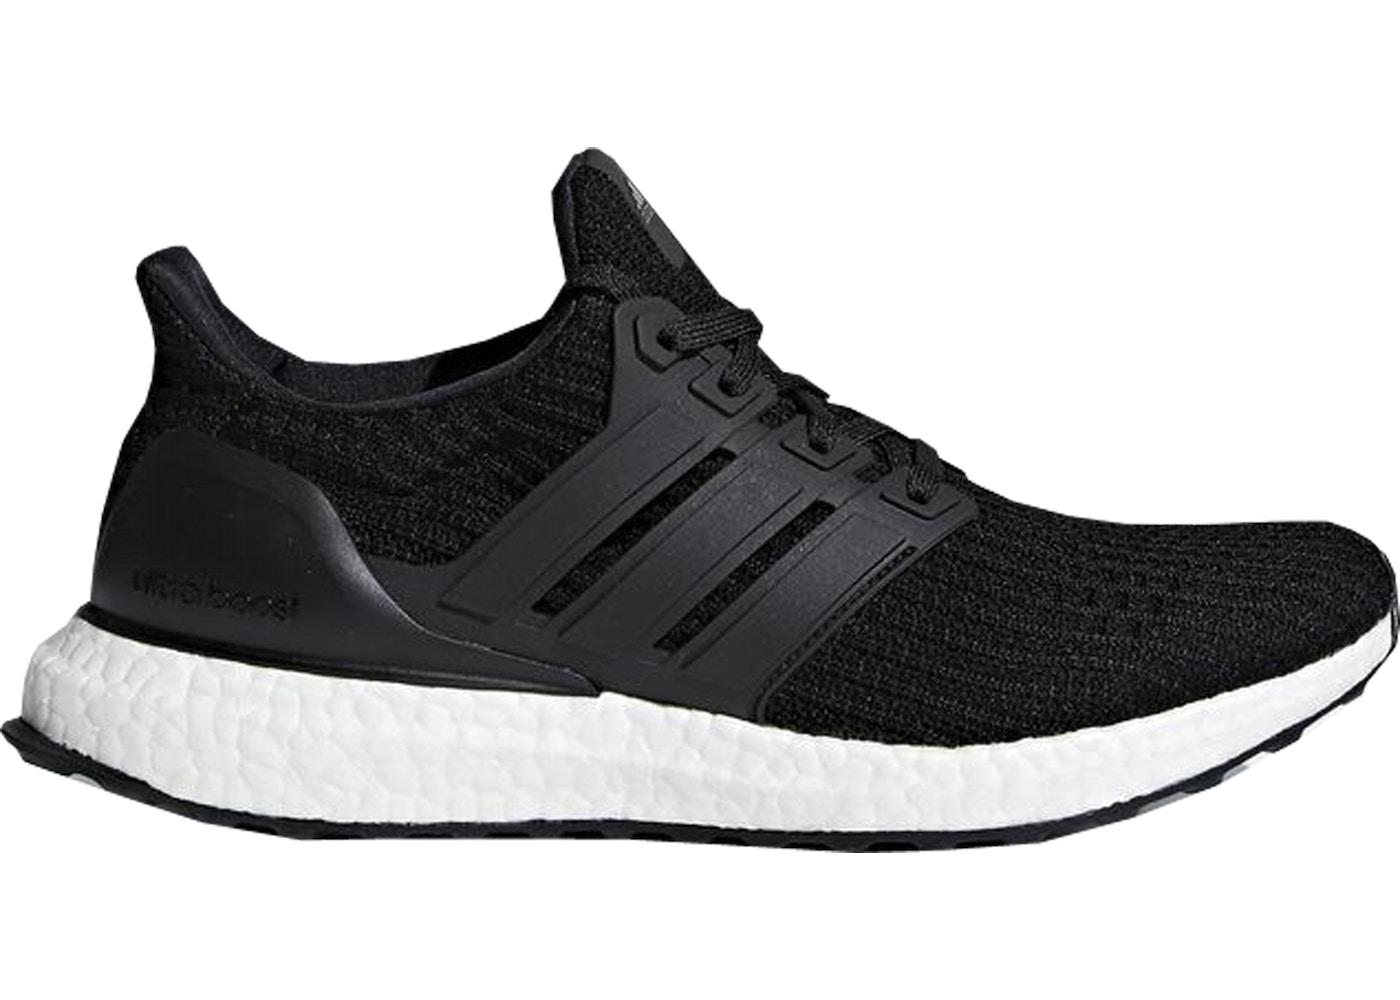 6bd29c5fd3b7d adidas ultraboost core black